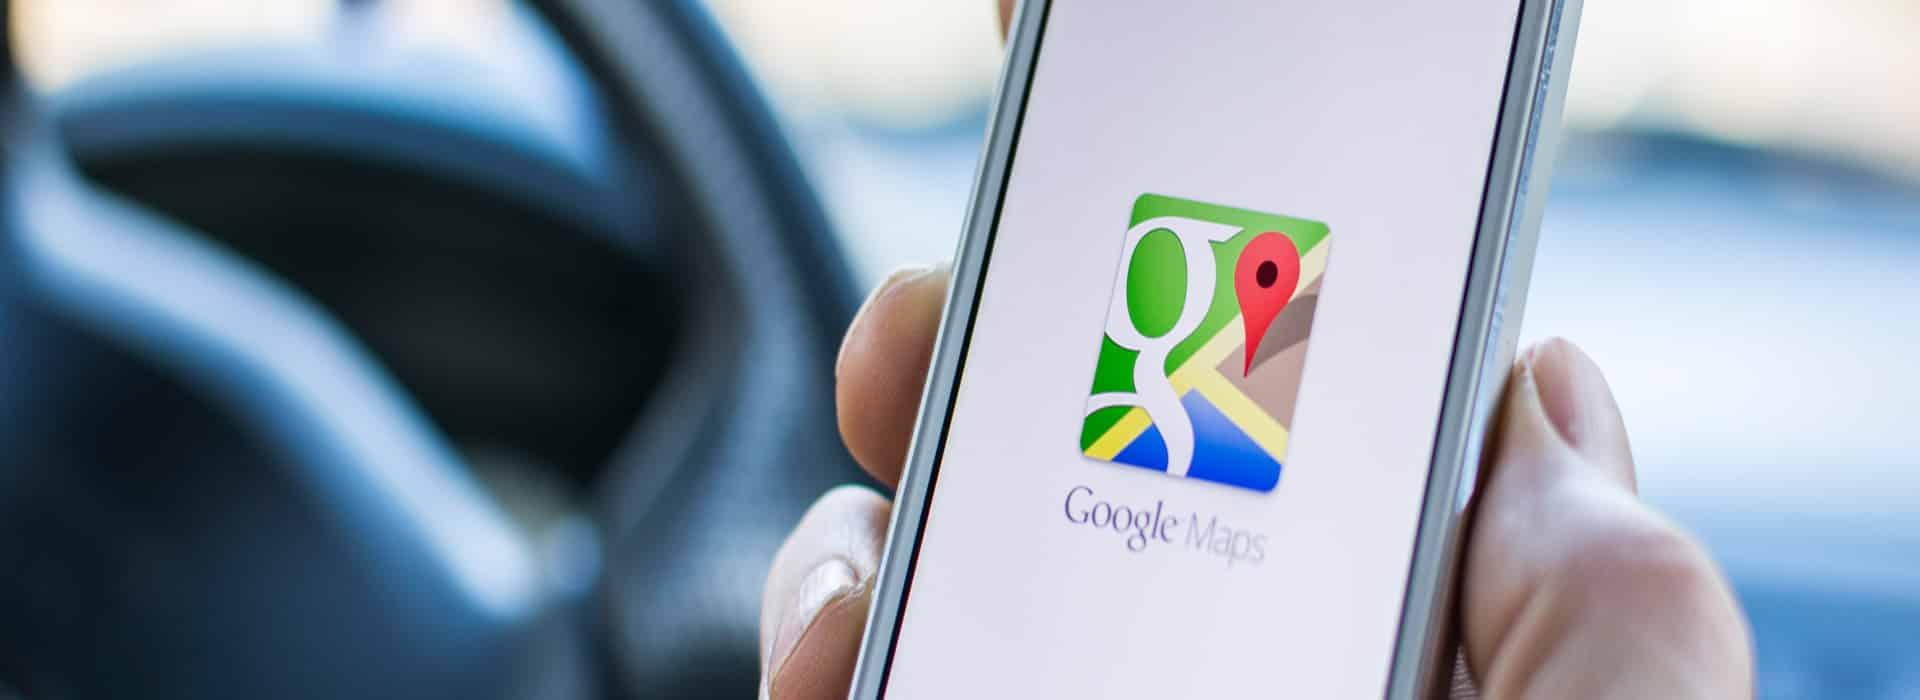 รับปักหมุดGoogleMap